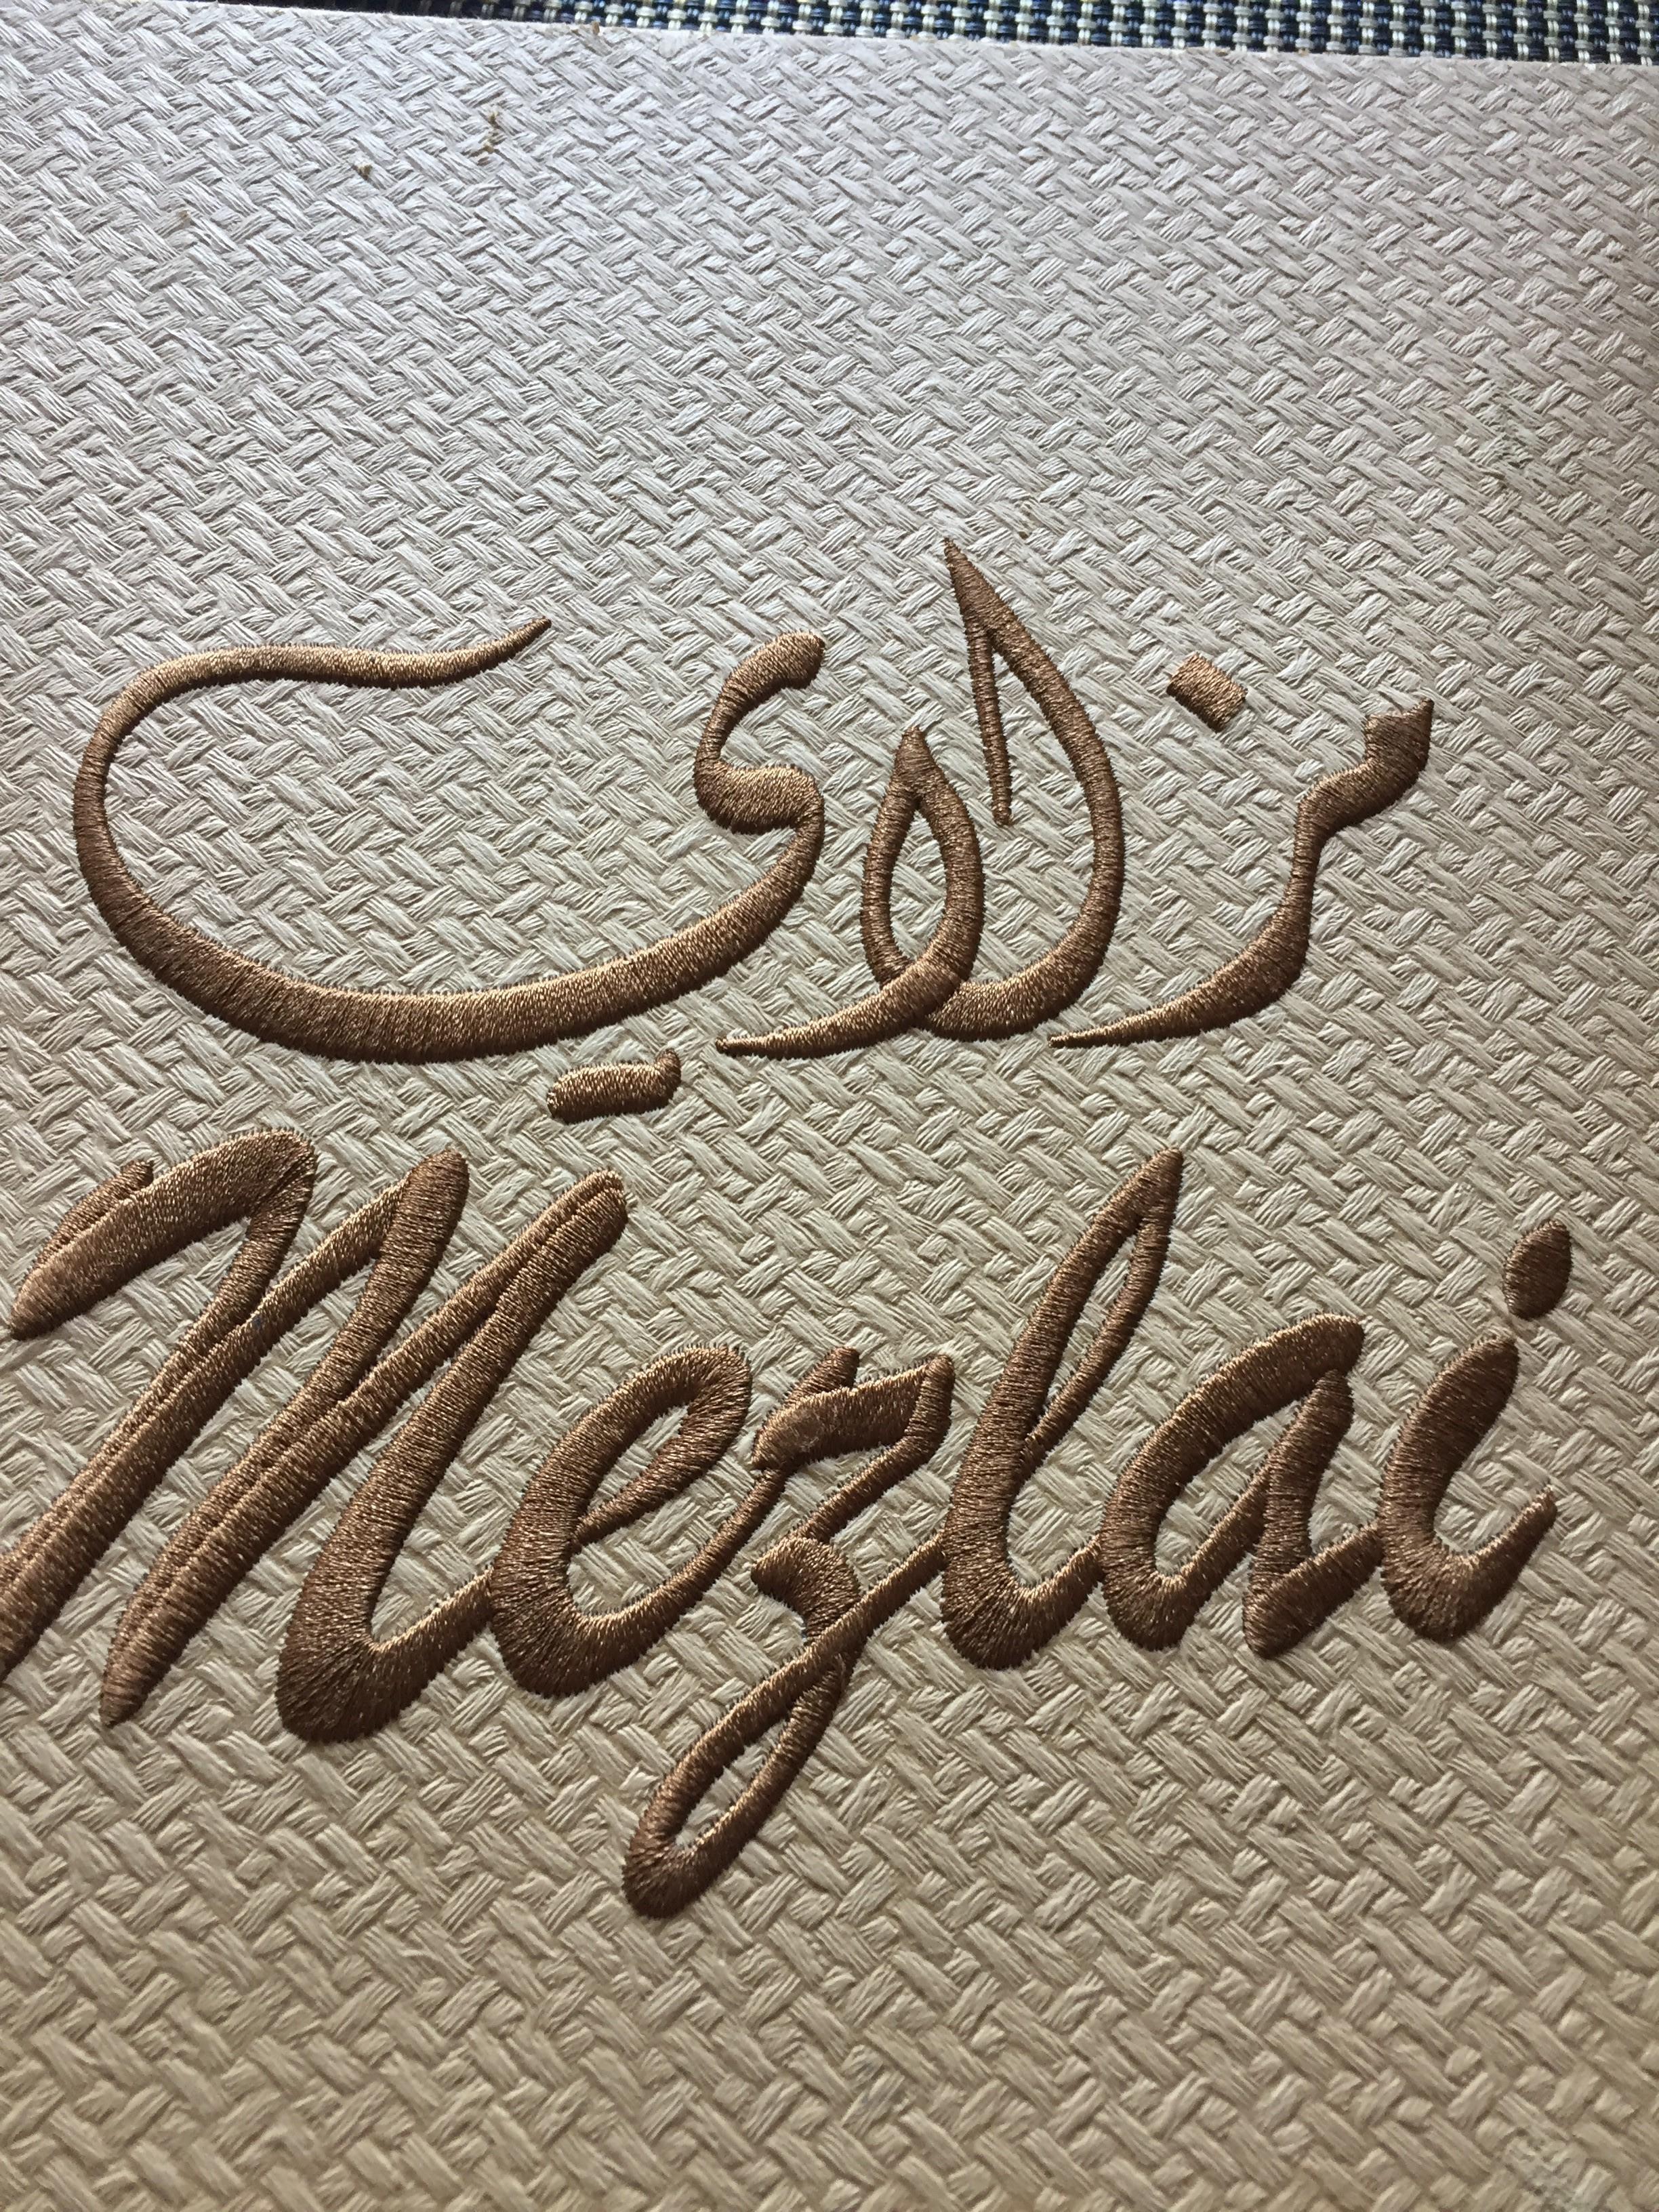 Abu_Dhabi_iiiii.jpg